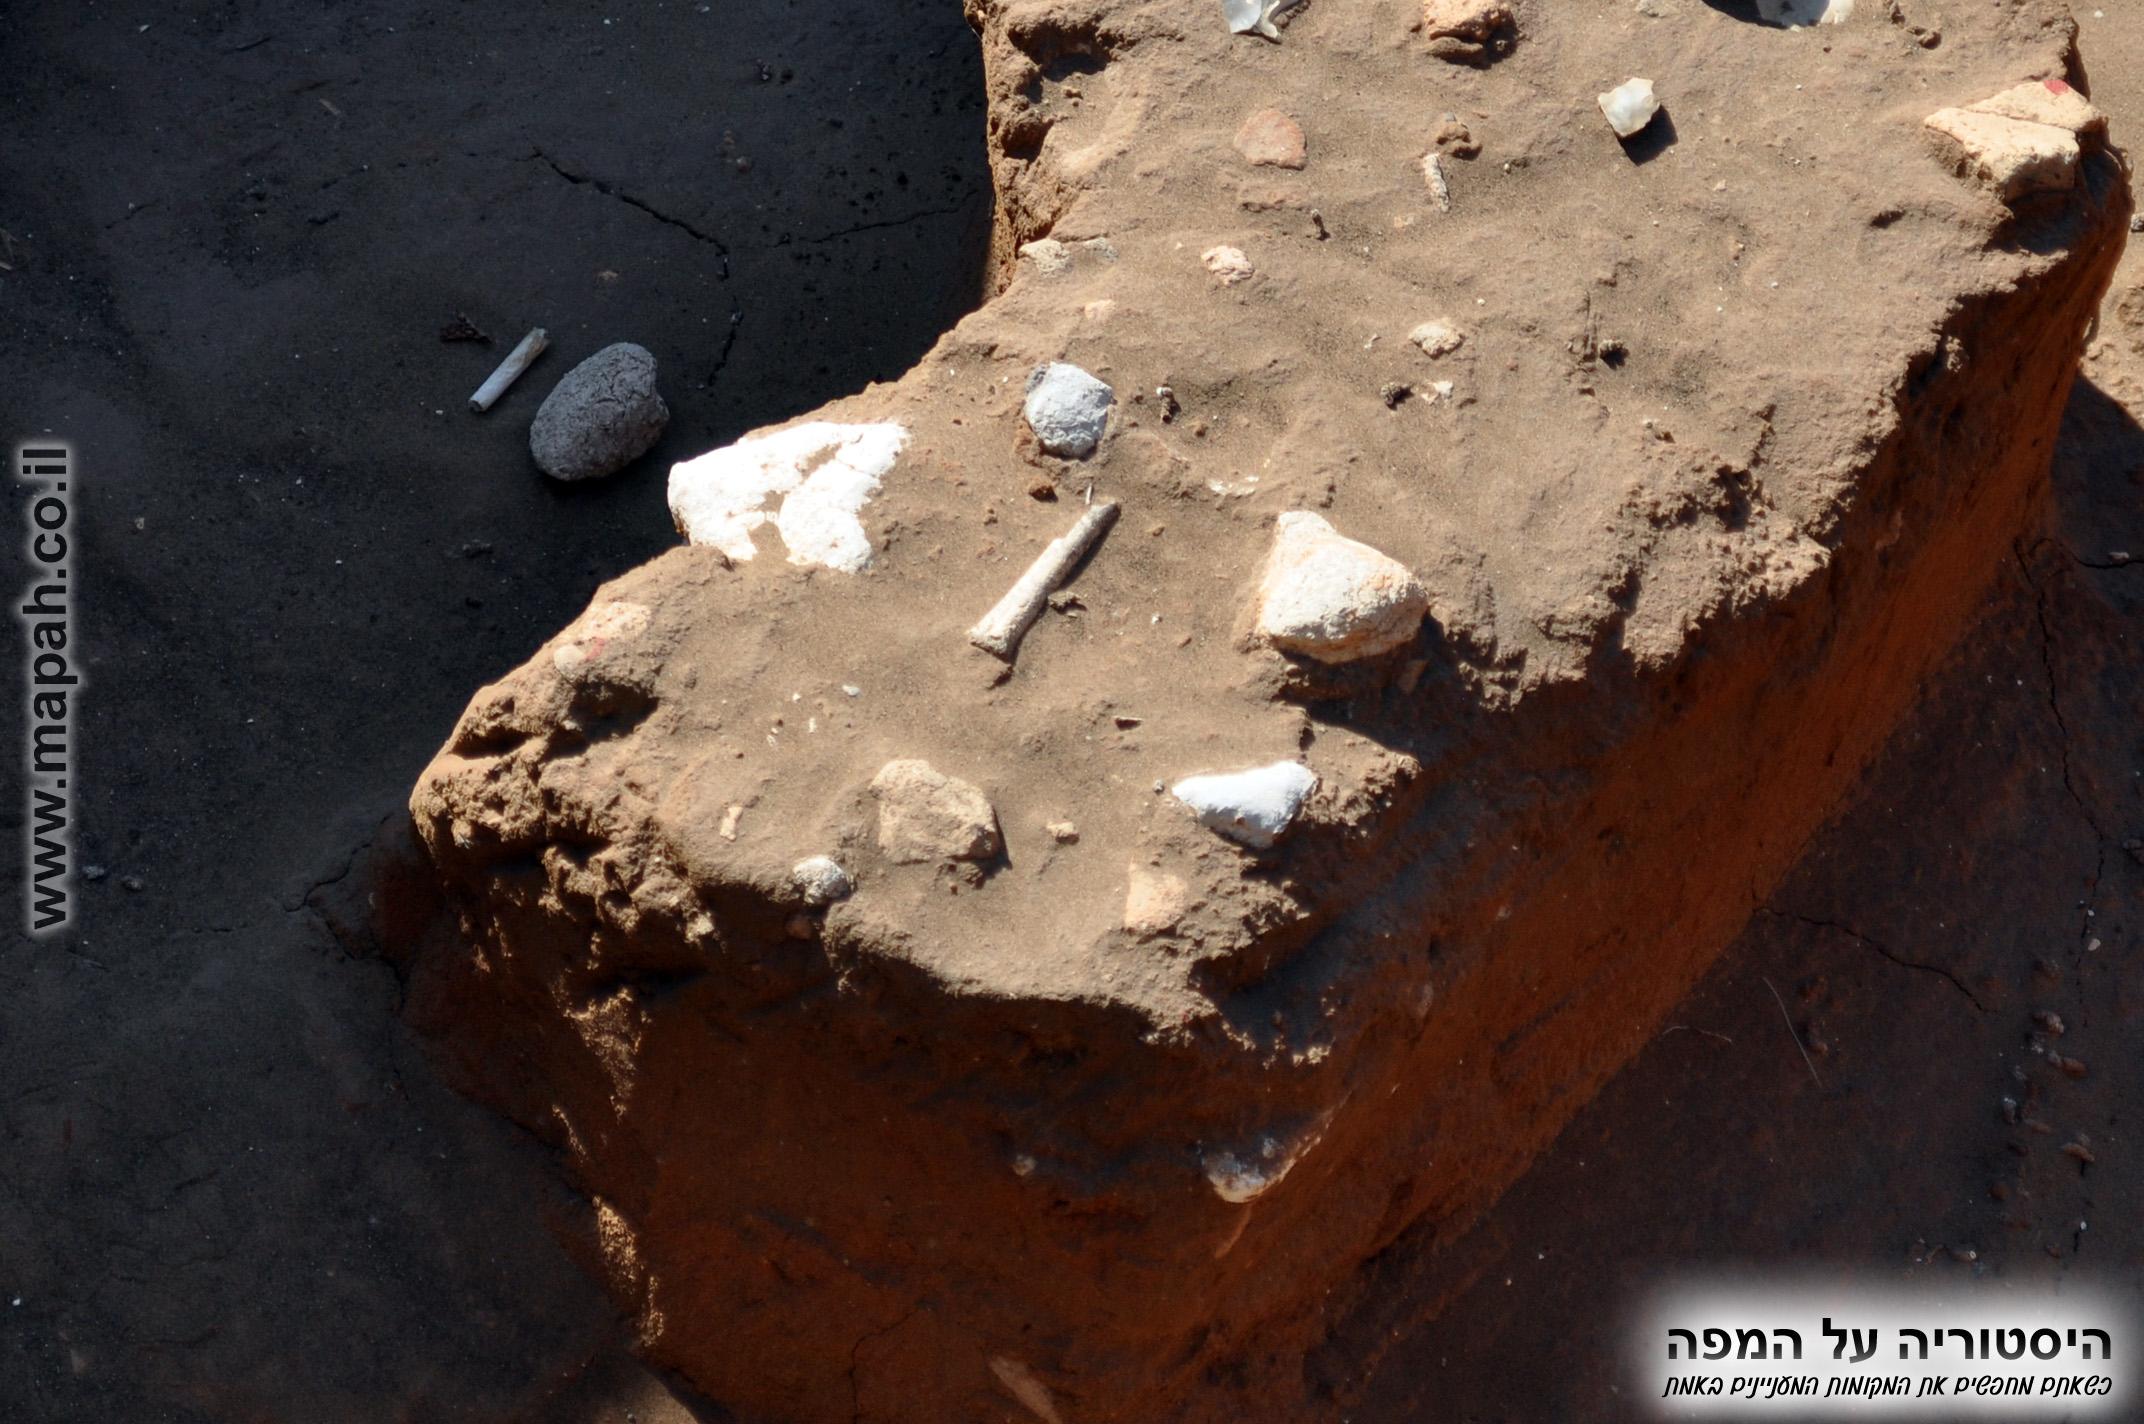 מקטע רצפה באחד מהמבנים ועצם מוארכת במרכז